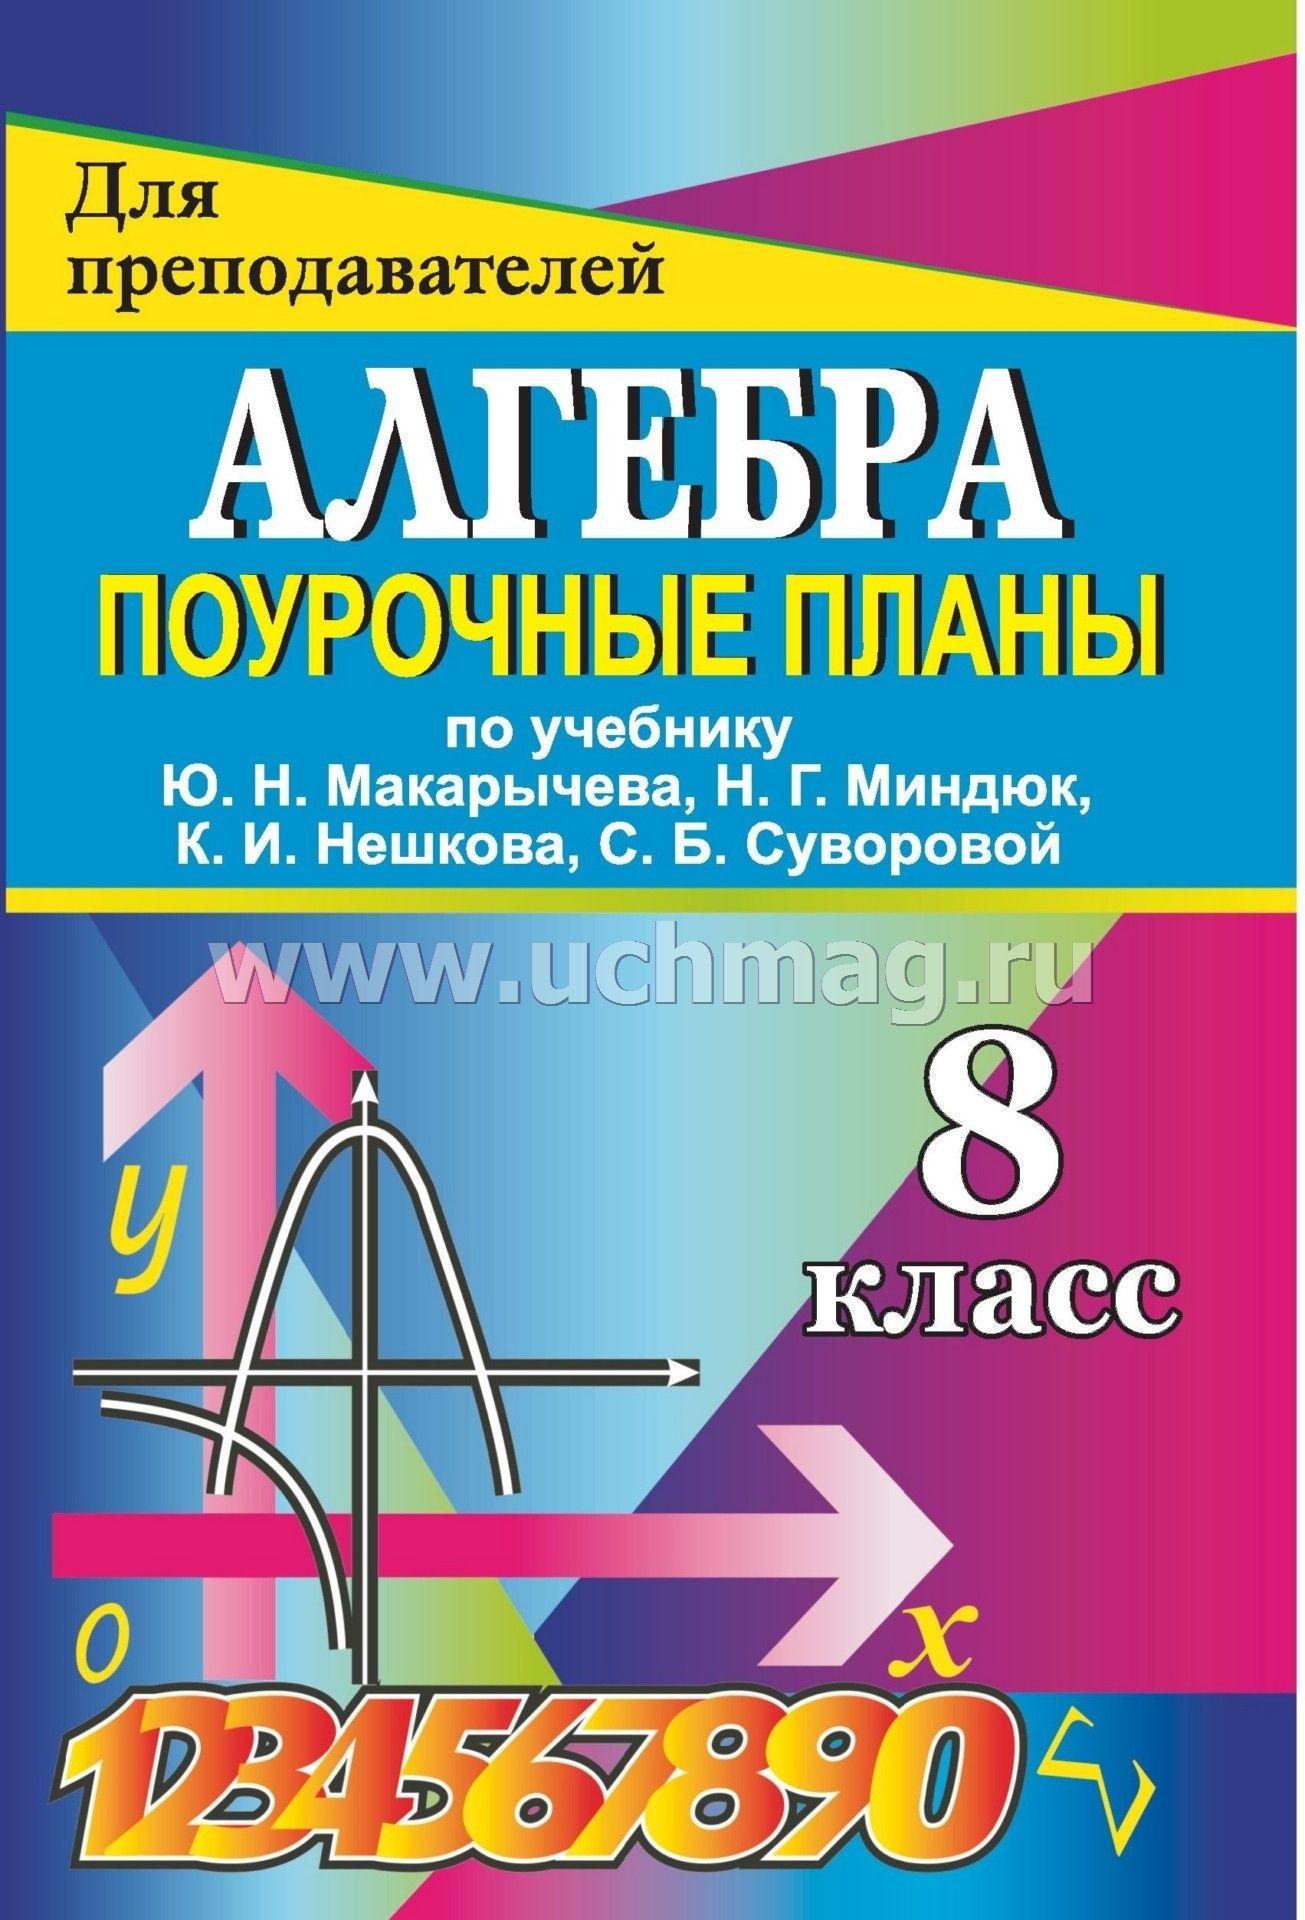 ТАПИЛИНА АФАНАСЬЕВА АЛГЕБРА 7 КЛАСС ПОУРОЧНЫЕ ПЛАНЫ СКАЧАТЬ БЕСПЛАТНО